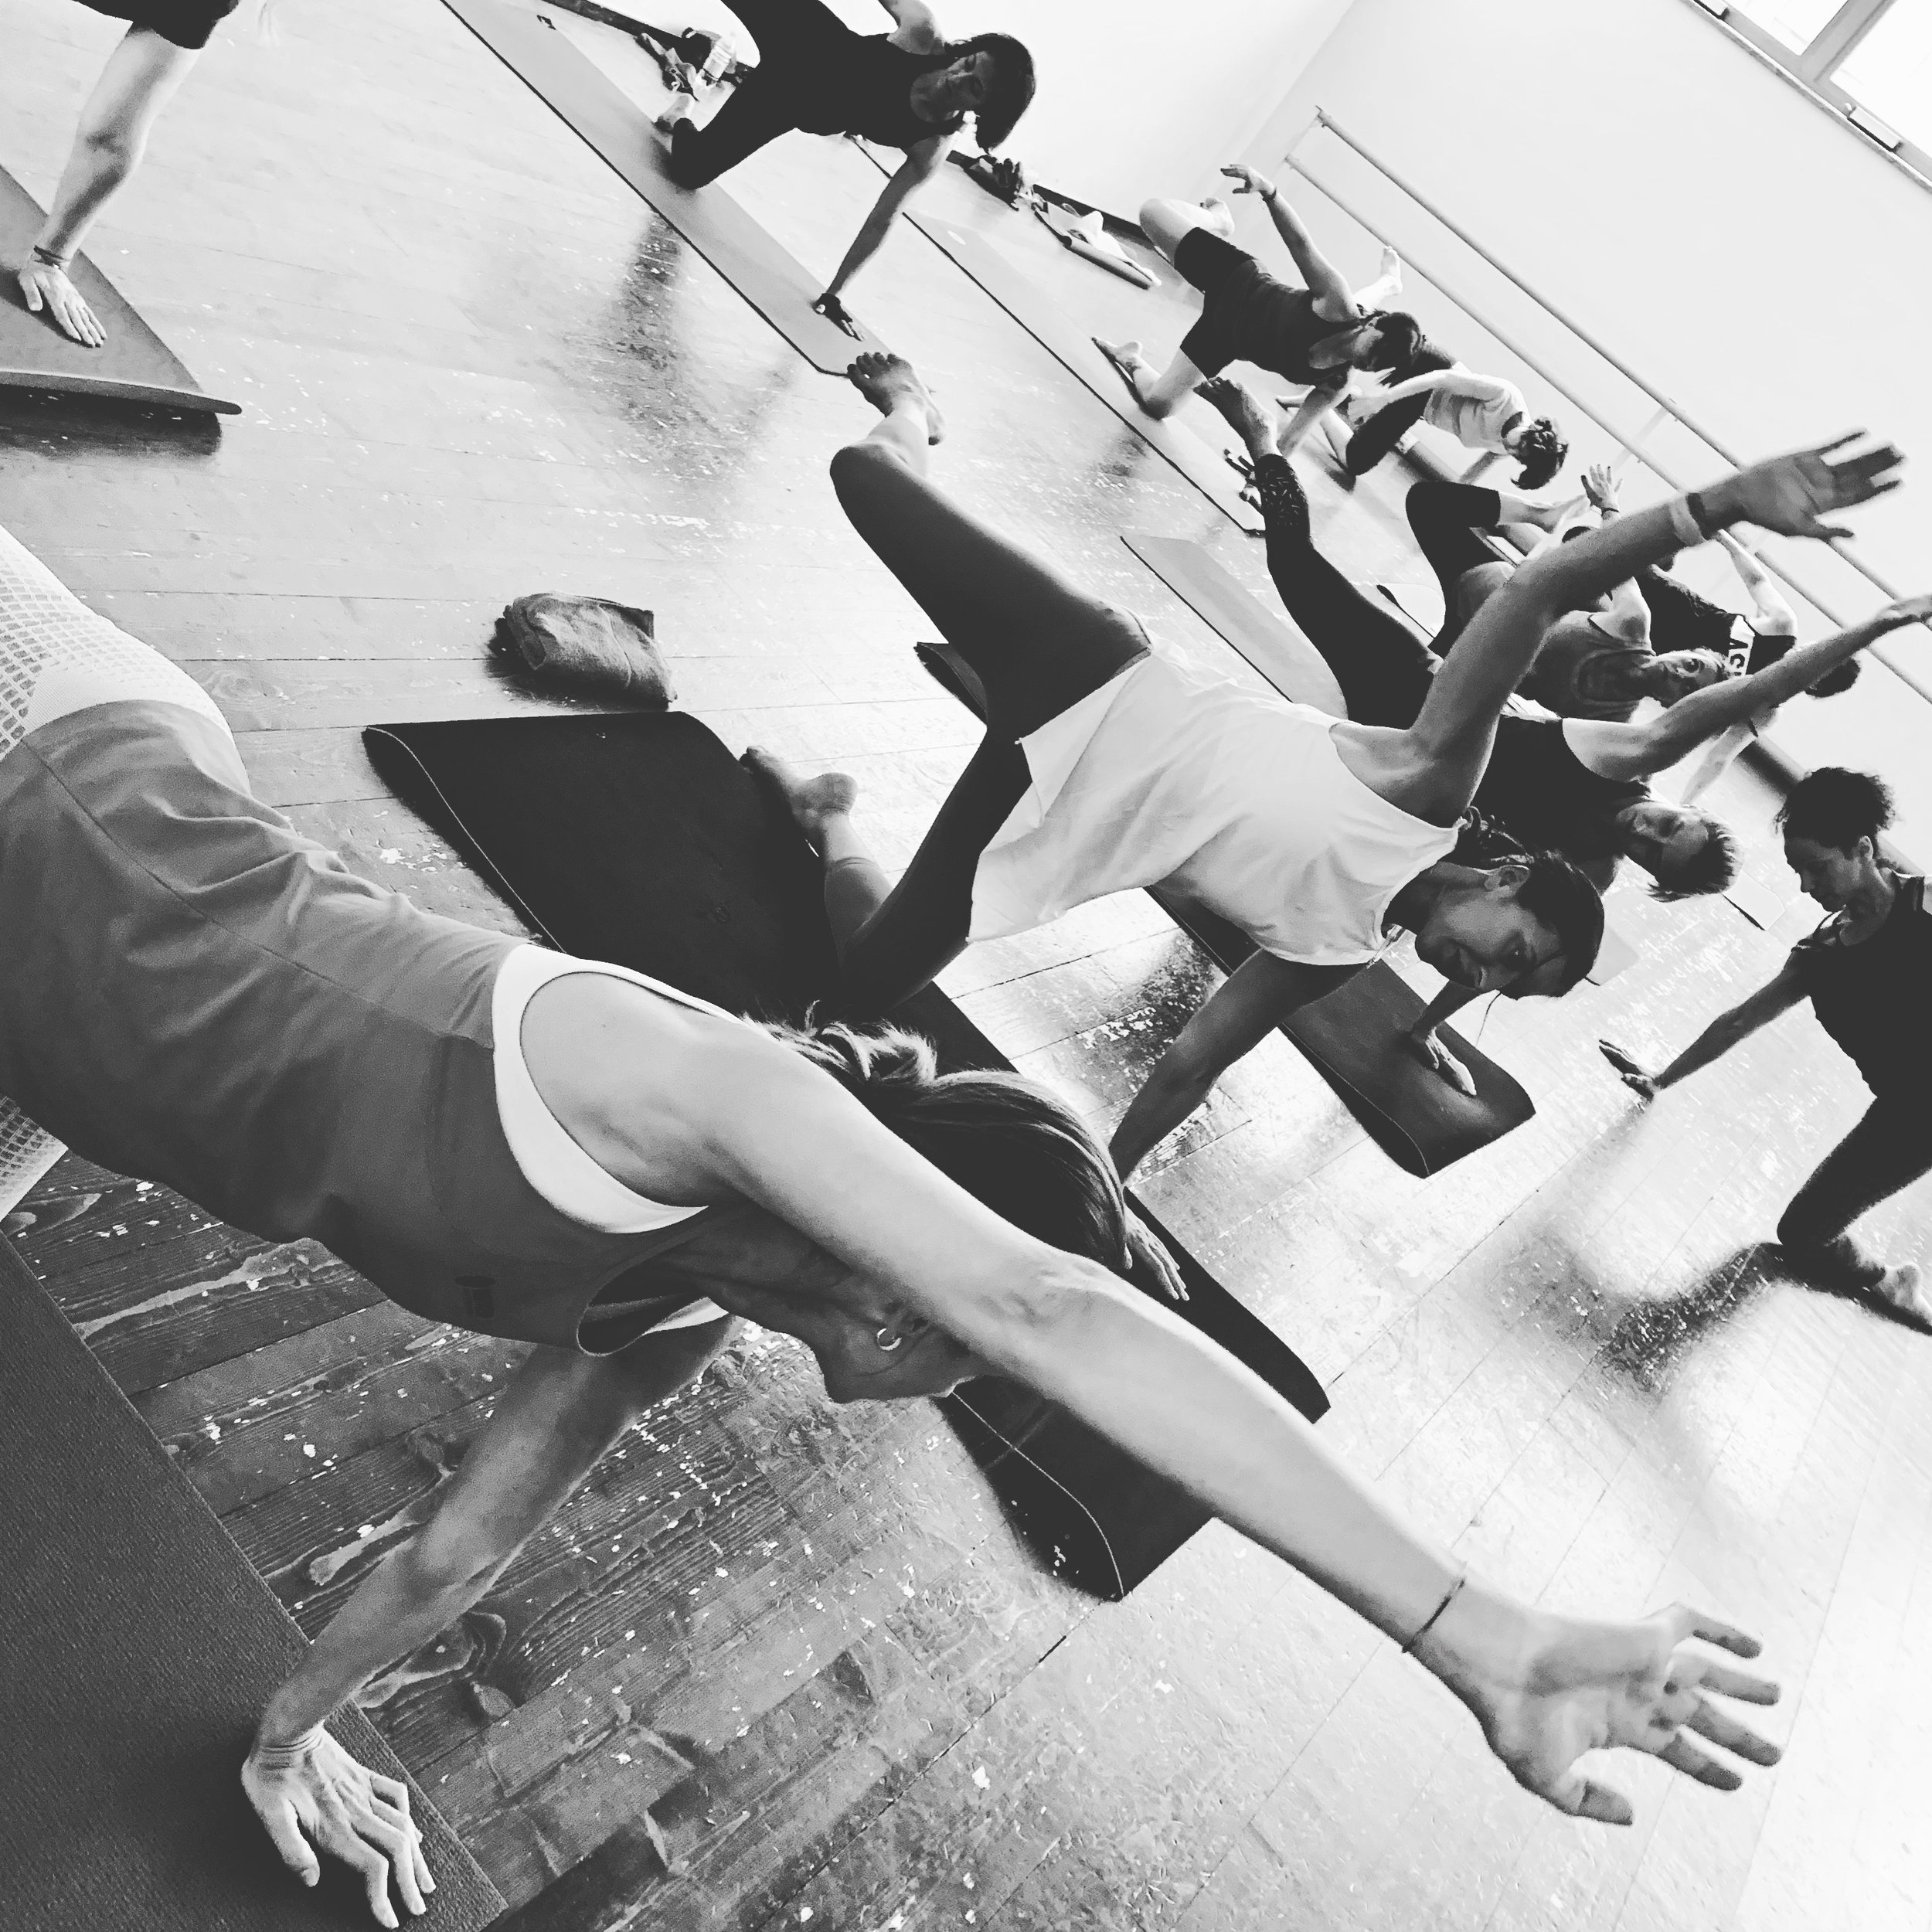 INSIDE YOGA SUTRA - Applicazioni pratiche degli Yoga Sūtra21 SETTEMBRE 2019 ORE 15:30AREADANCE - MilanoDATA IN AGGIORNAMENTOALBERO DEI DESIDERI - Montebelluna, TrevisoIl workshop descrive accuratamente gli otto passi del Raja Yoga descritto nei Sūtra di Patañjali rivelando i metodi e le tecniche per lo sviluppo di un percorso completo di trasformazione personale. Il workshop della durata di tre ore è diviso in due moduli: il primo riguarda lo studio sintetico della struttura e dei contenuti chiave del testo ed il secondo mira all'applicazione pratica degli stessi nella vita di ogni giorno. Un approccio ampio e diretto alla pratica dello Yoga adatto sia a chi sta muovendo i primi passi verso questa disciplina sia ai praticanti più esperti e costruito per evidenziare l'importanza di un percorso bilanciato e completo che non si esaurisca alla pratica delle Asana.DURATA: 3hINTENSITA: ★★☆☆